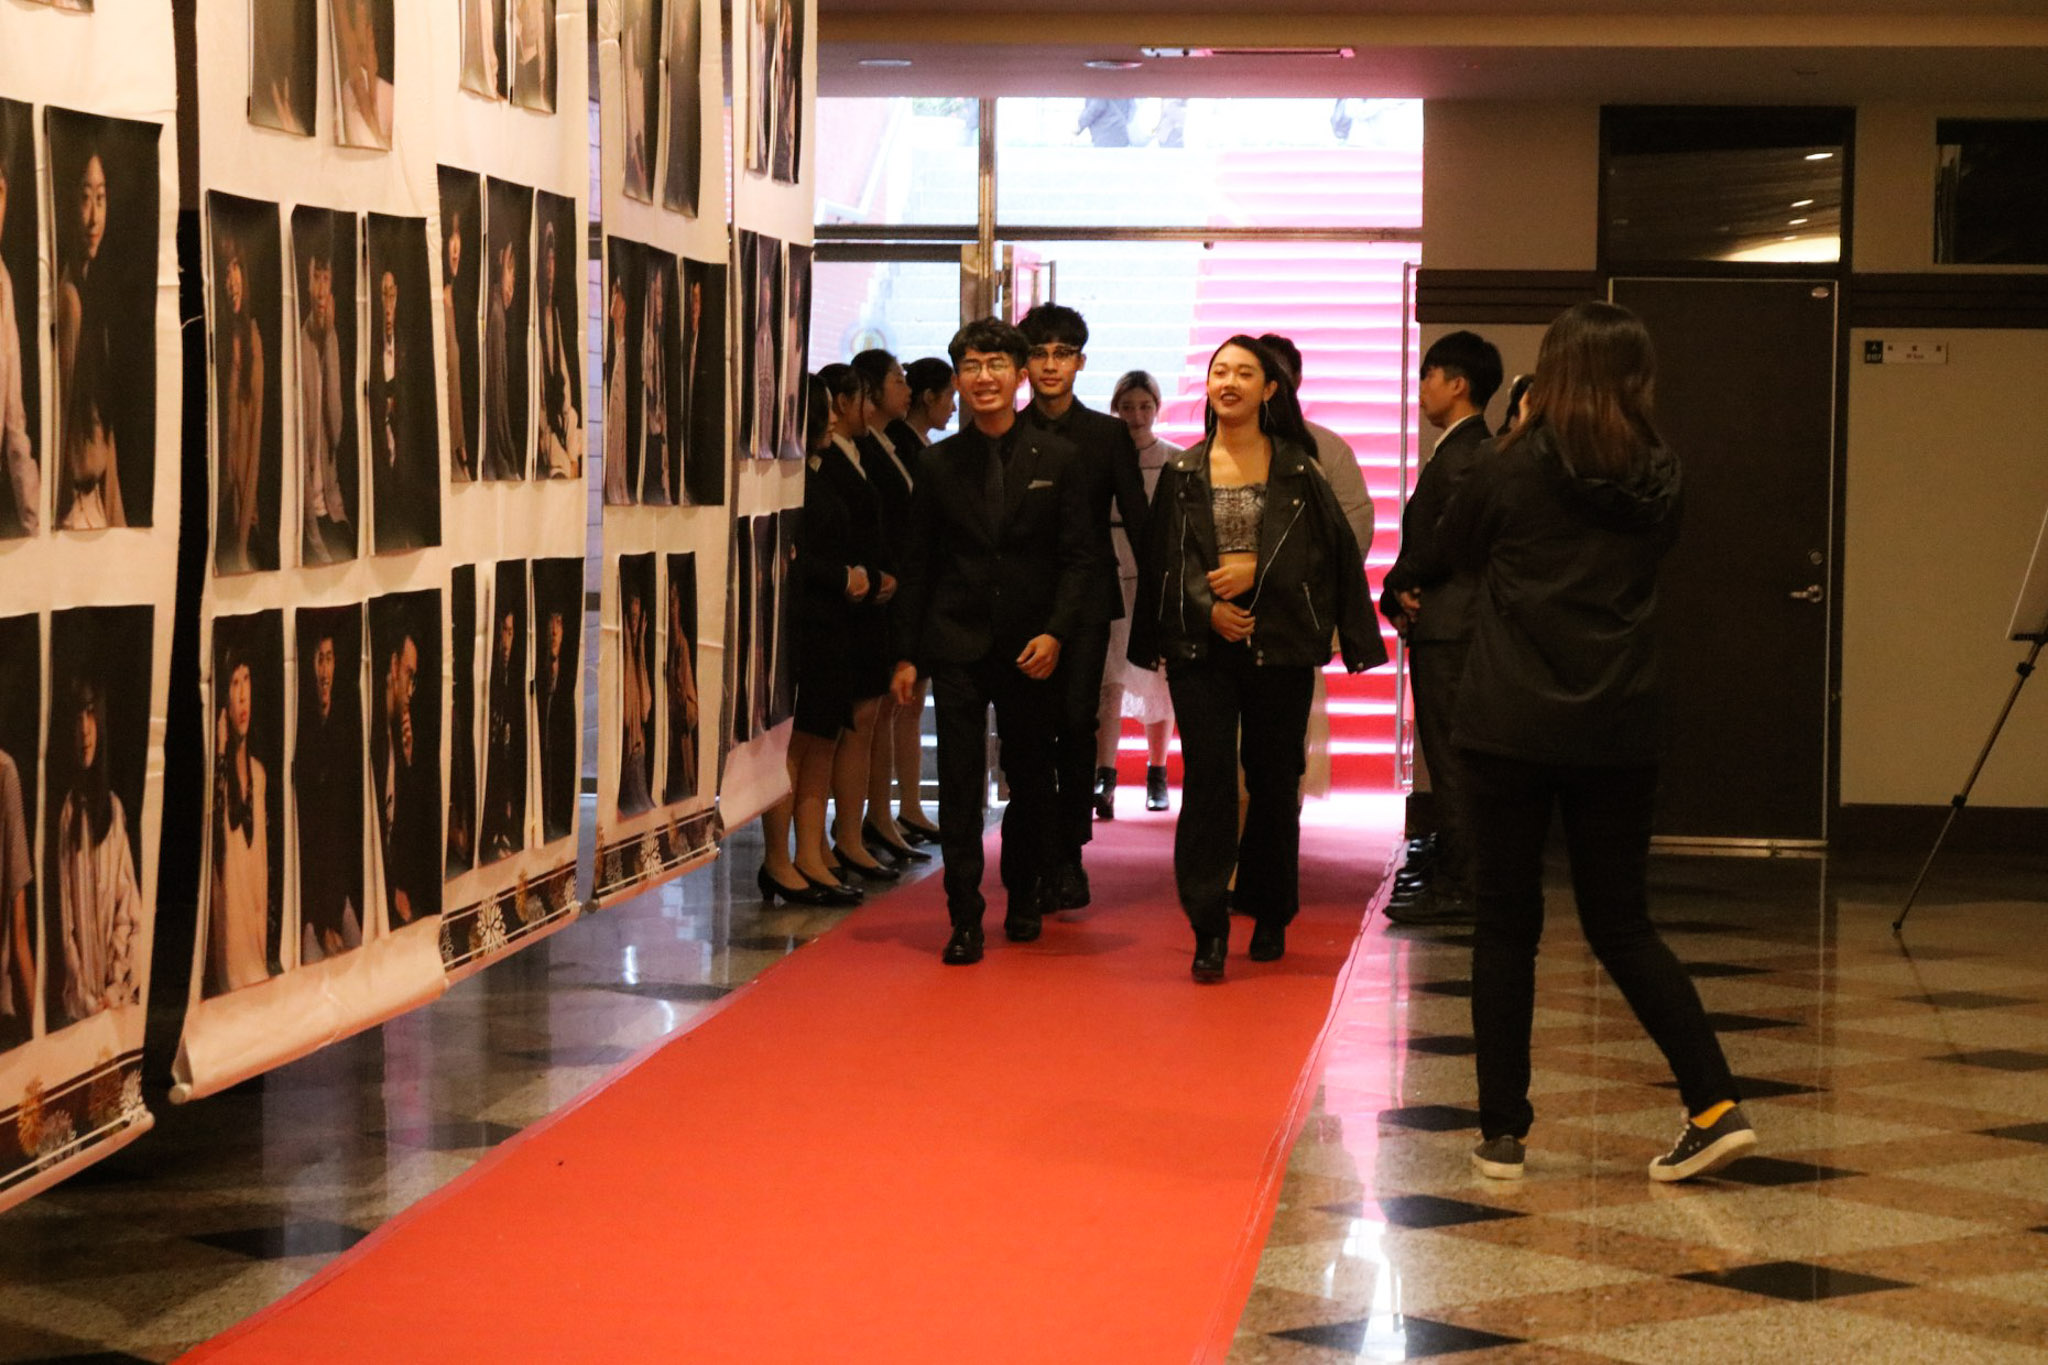 行銷影展 - 大二的同學走紅毯